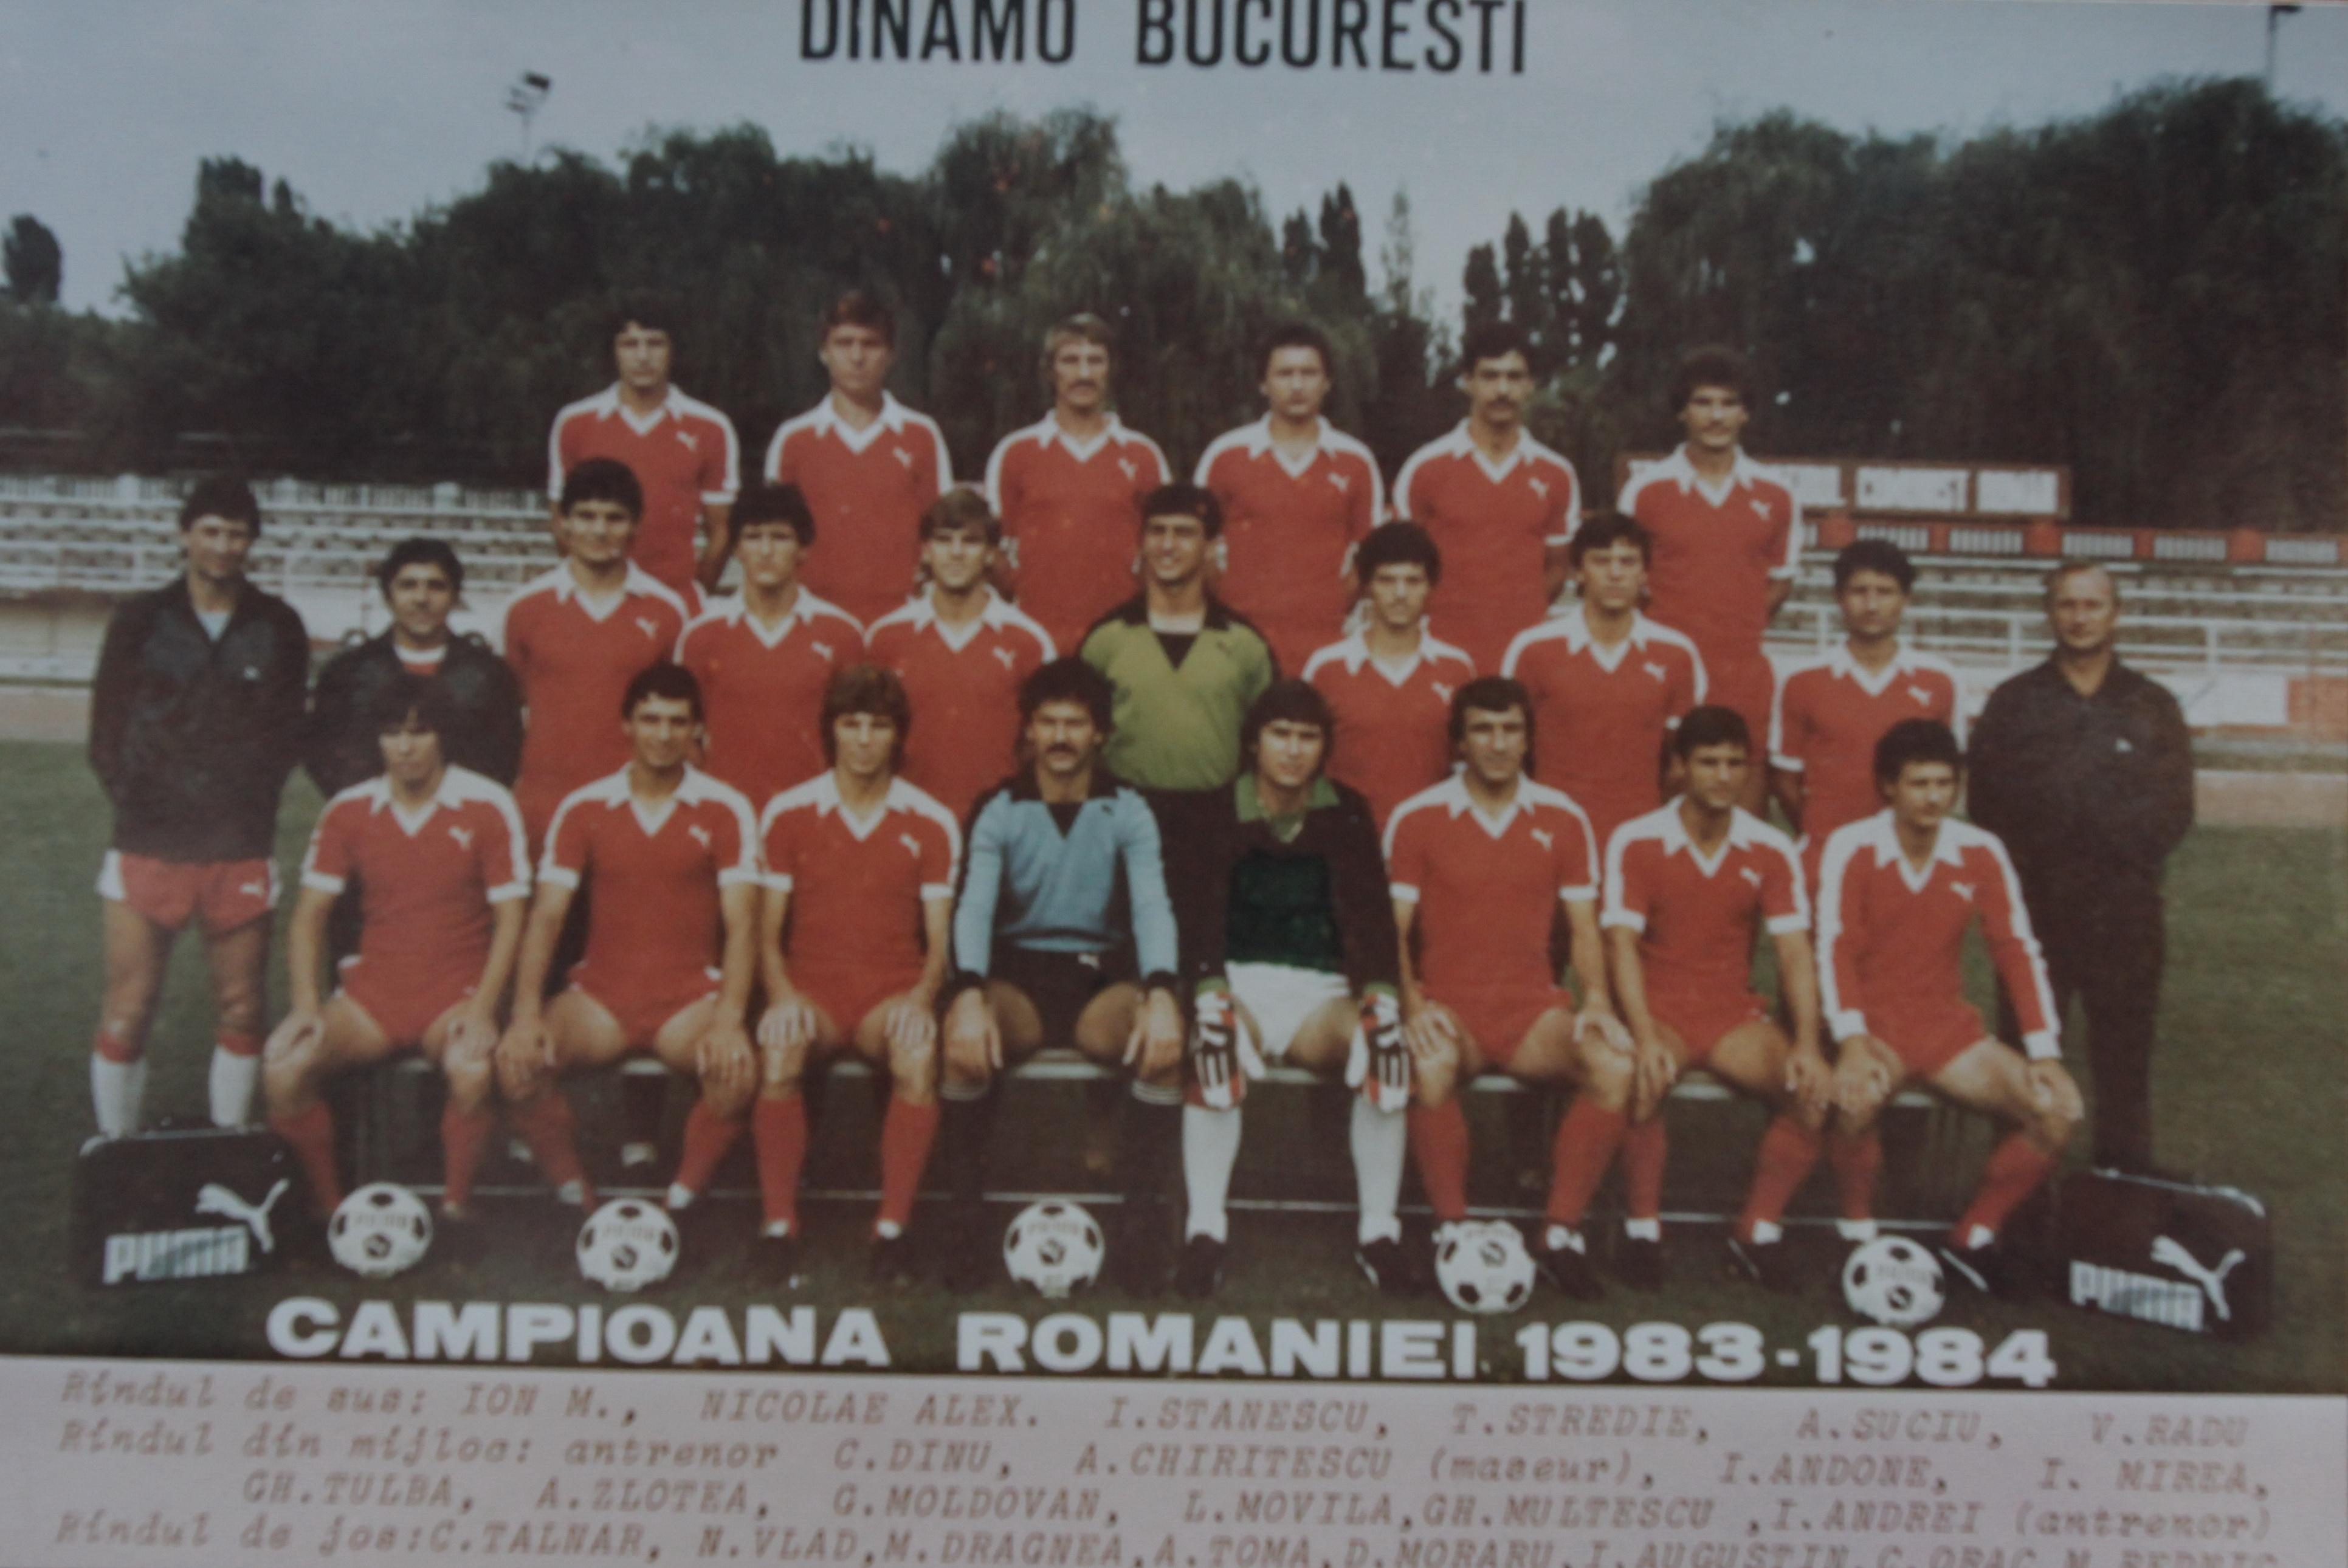 Lotul lui Dinamo in sezonul 1983-1984